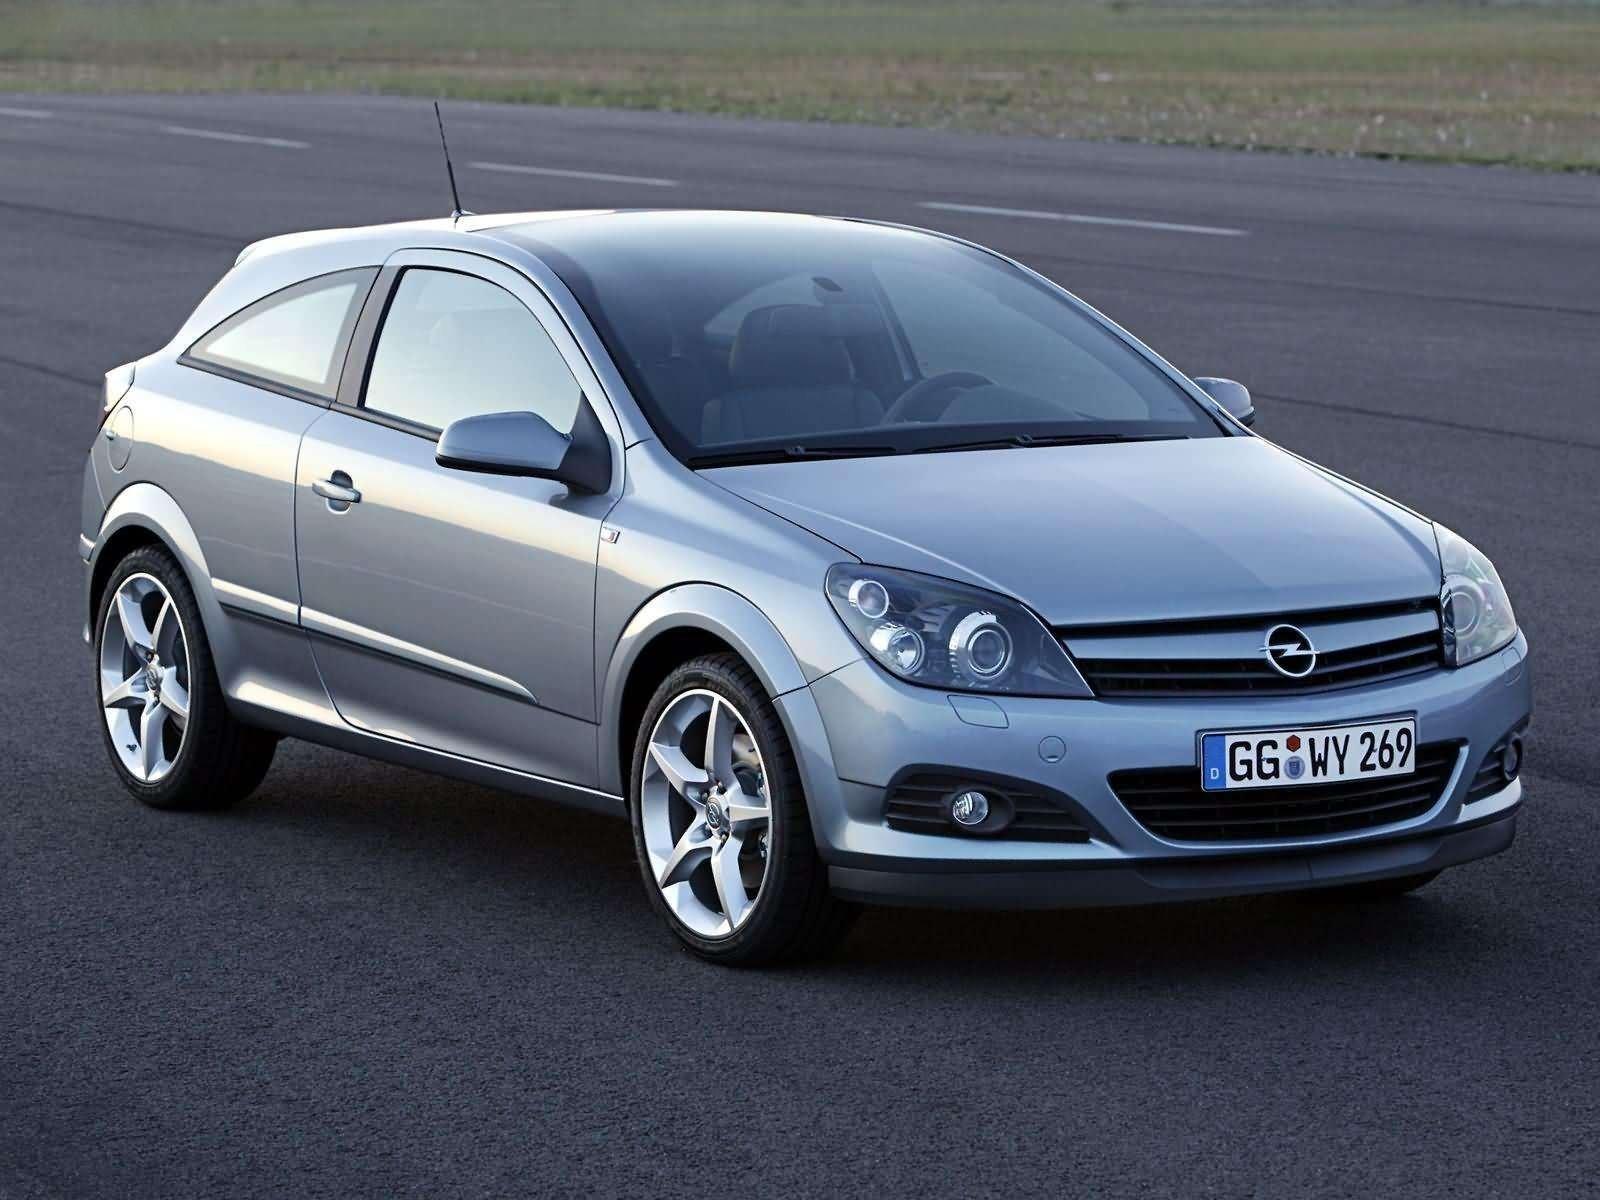 Opel Astra GTC hatchback 3door H 14 ecoFLEX Easytronic